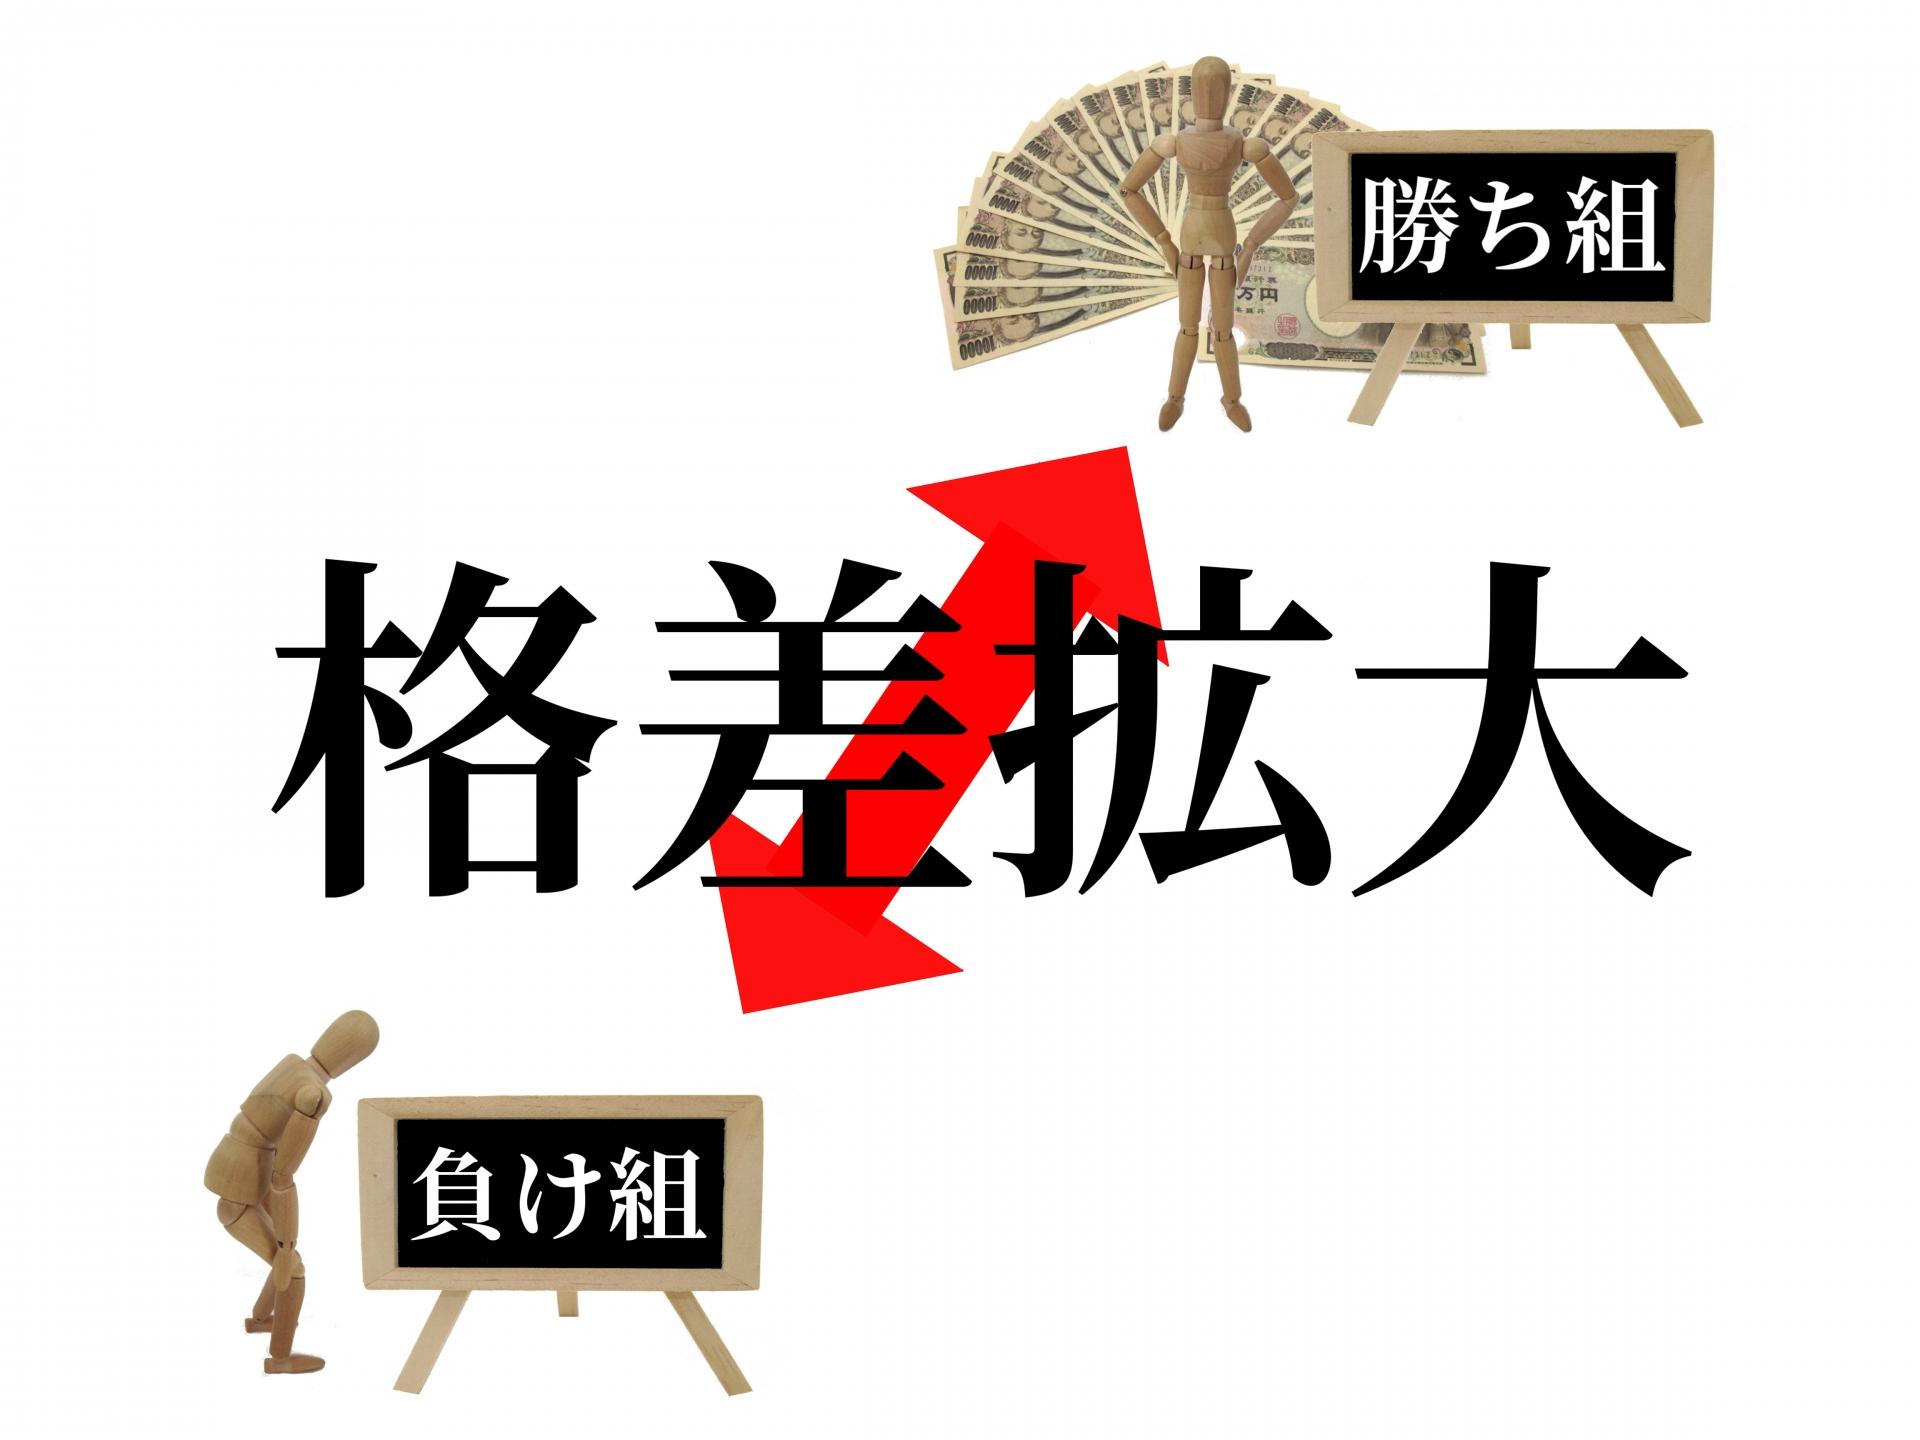 炎上】「貧乏人は高望みするなということか」。萩生田文科相の「身の丈で」発言に反発拡まる